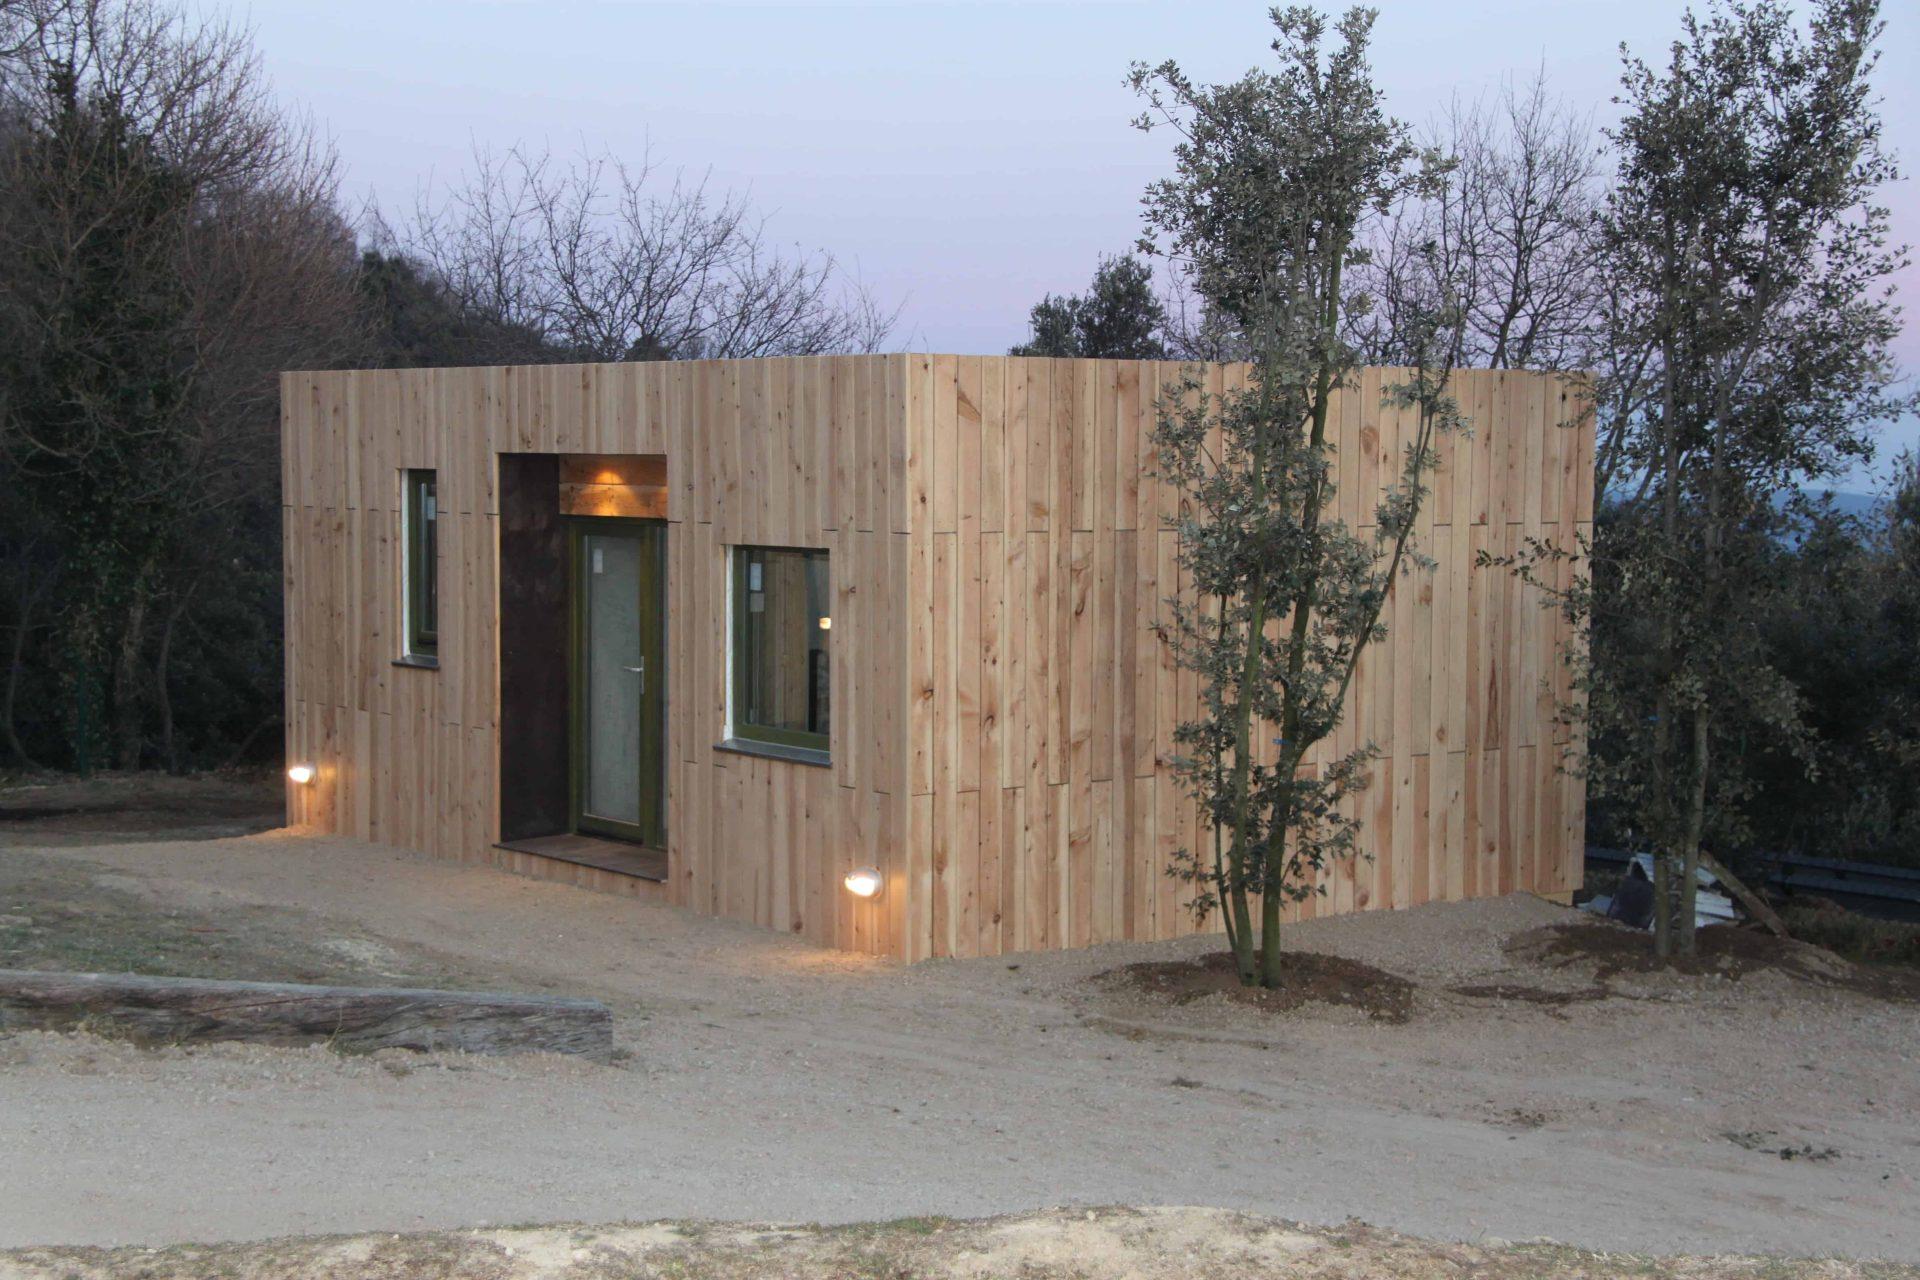 M dulo prefabricado eficiente construir r pido - Casas por modulos de hormigon ...